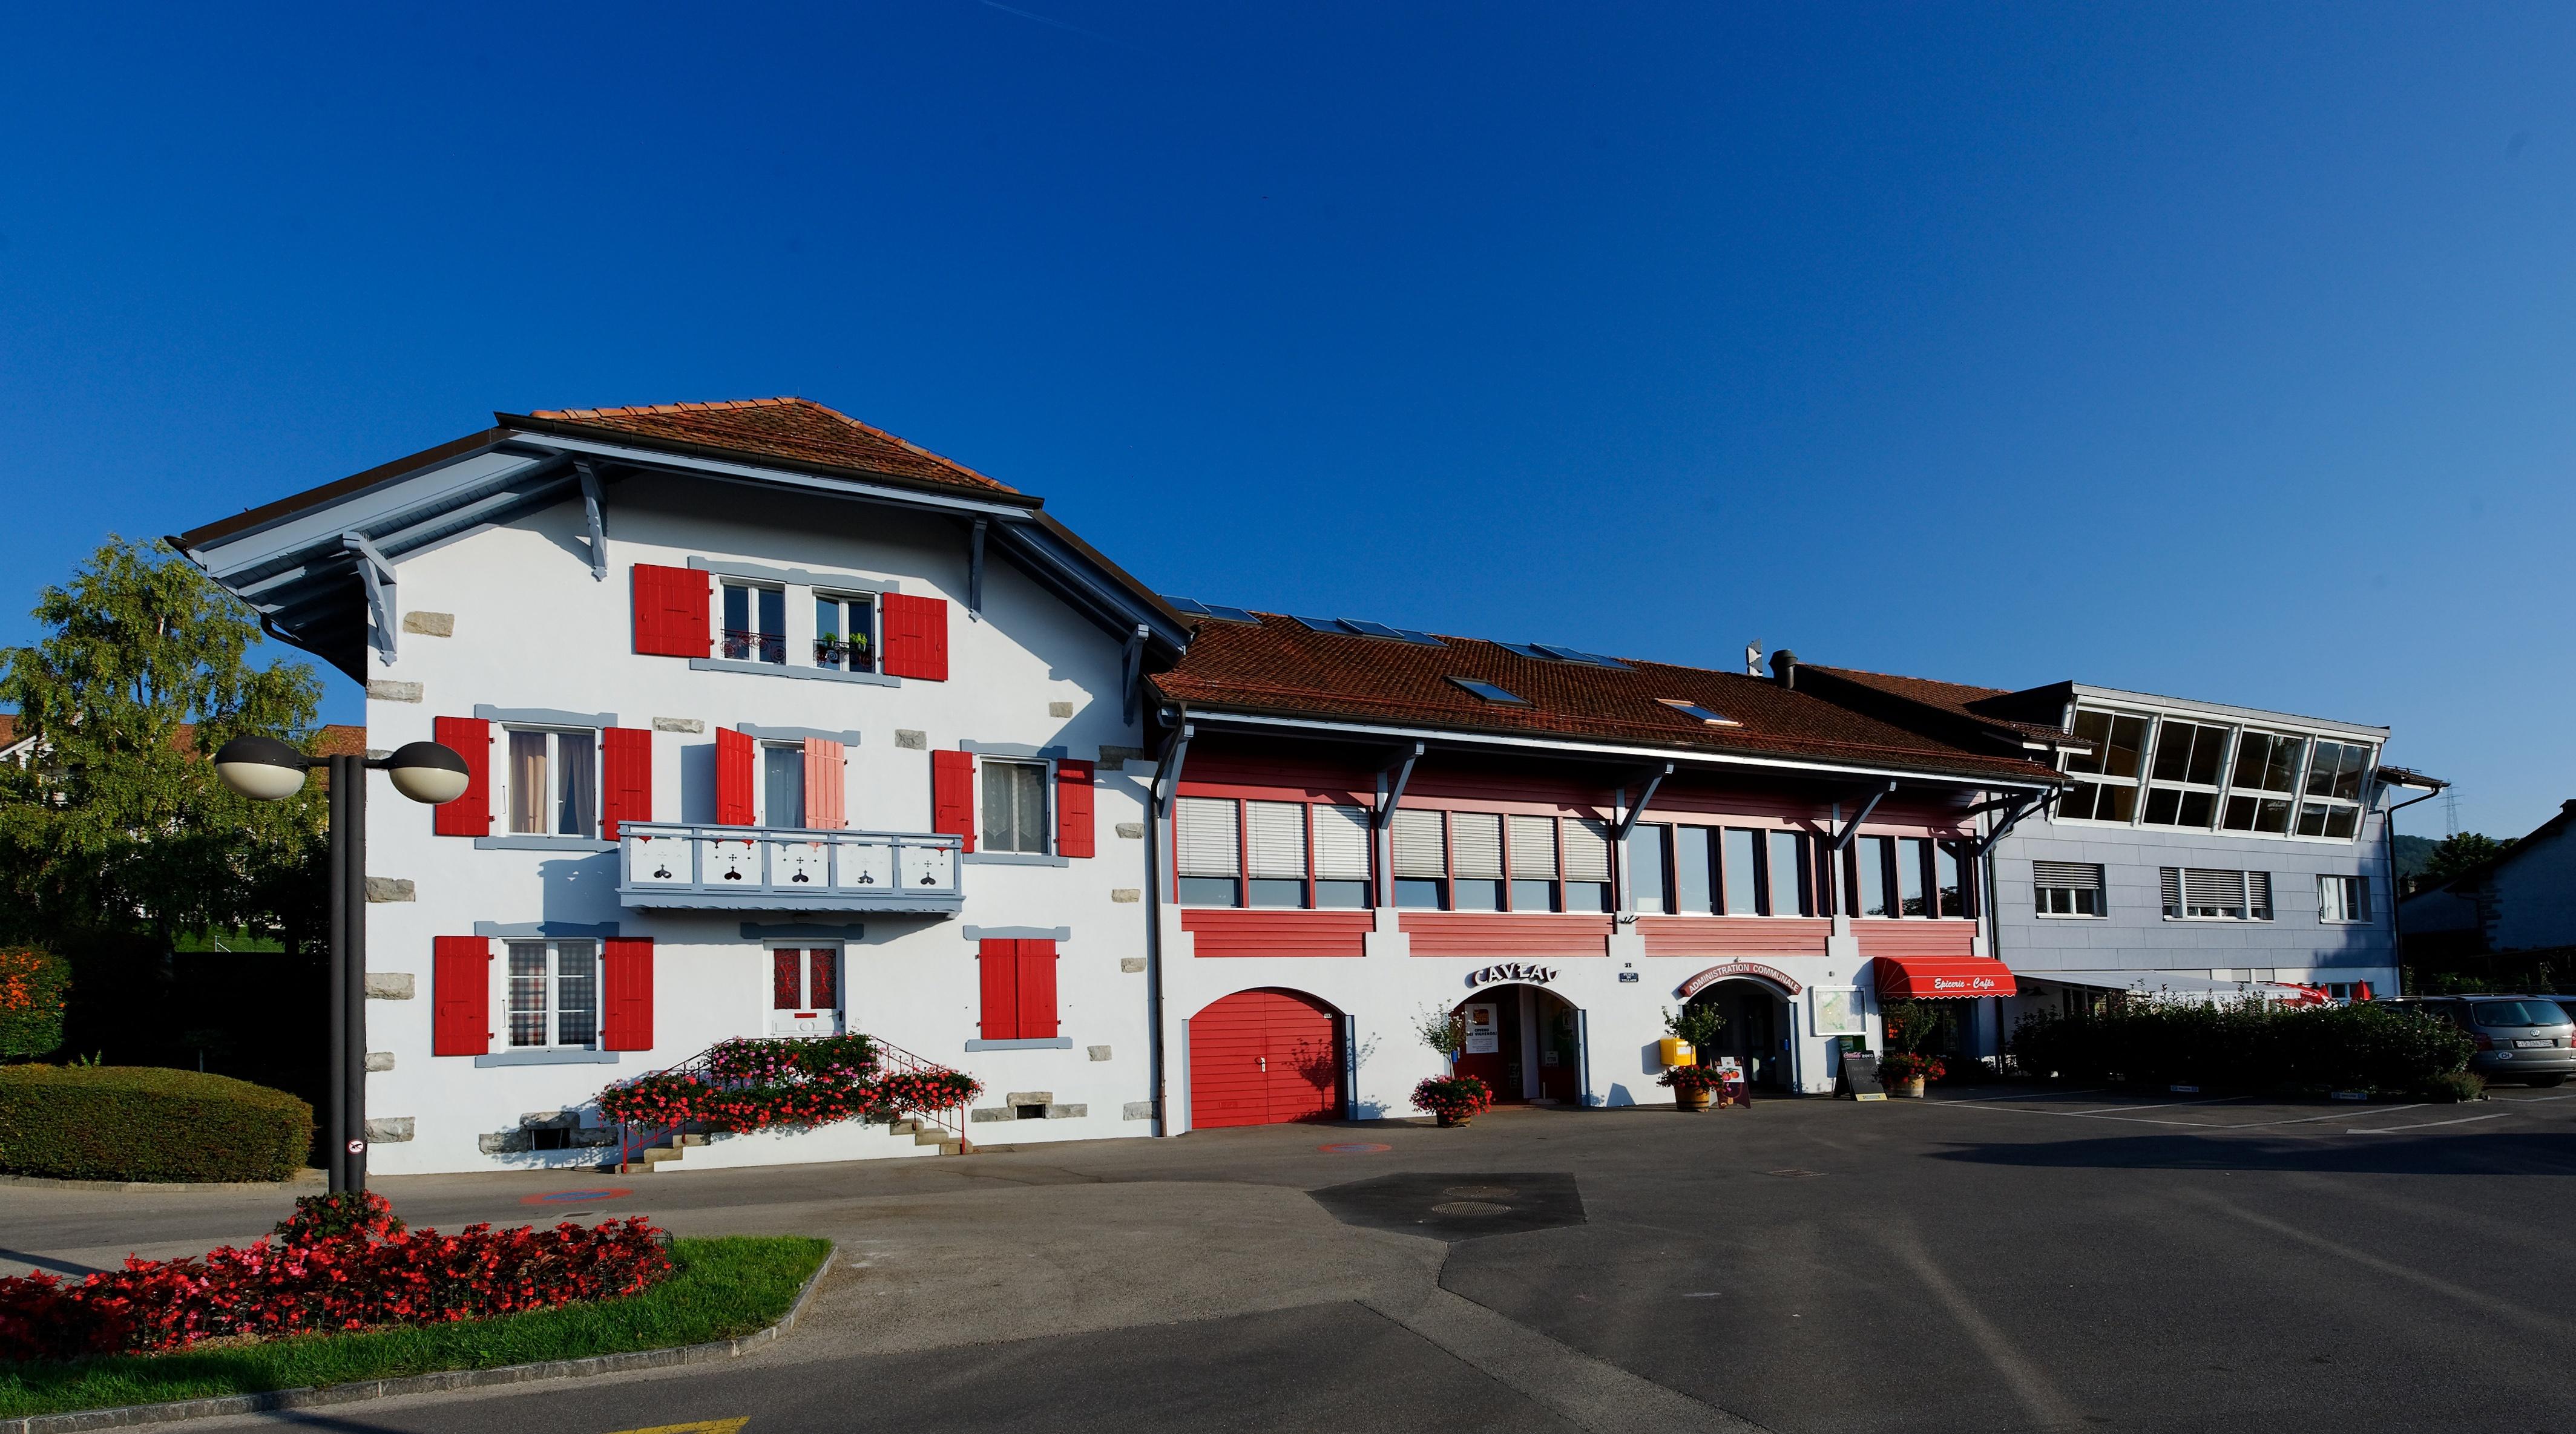 Le bâtiment communal de Luins. © Antonio Porreca